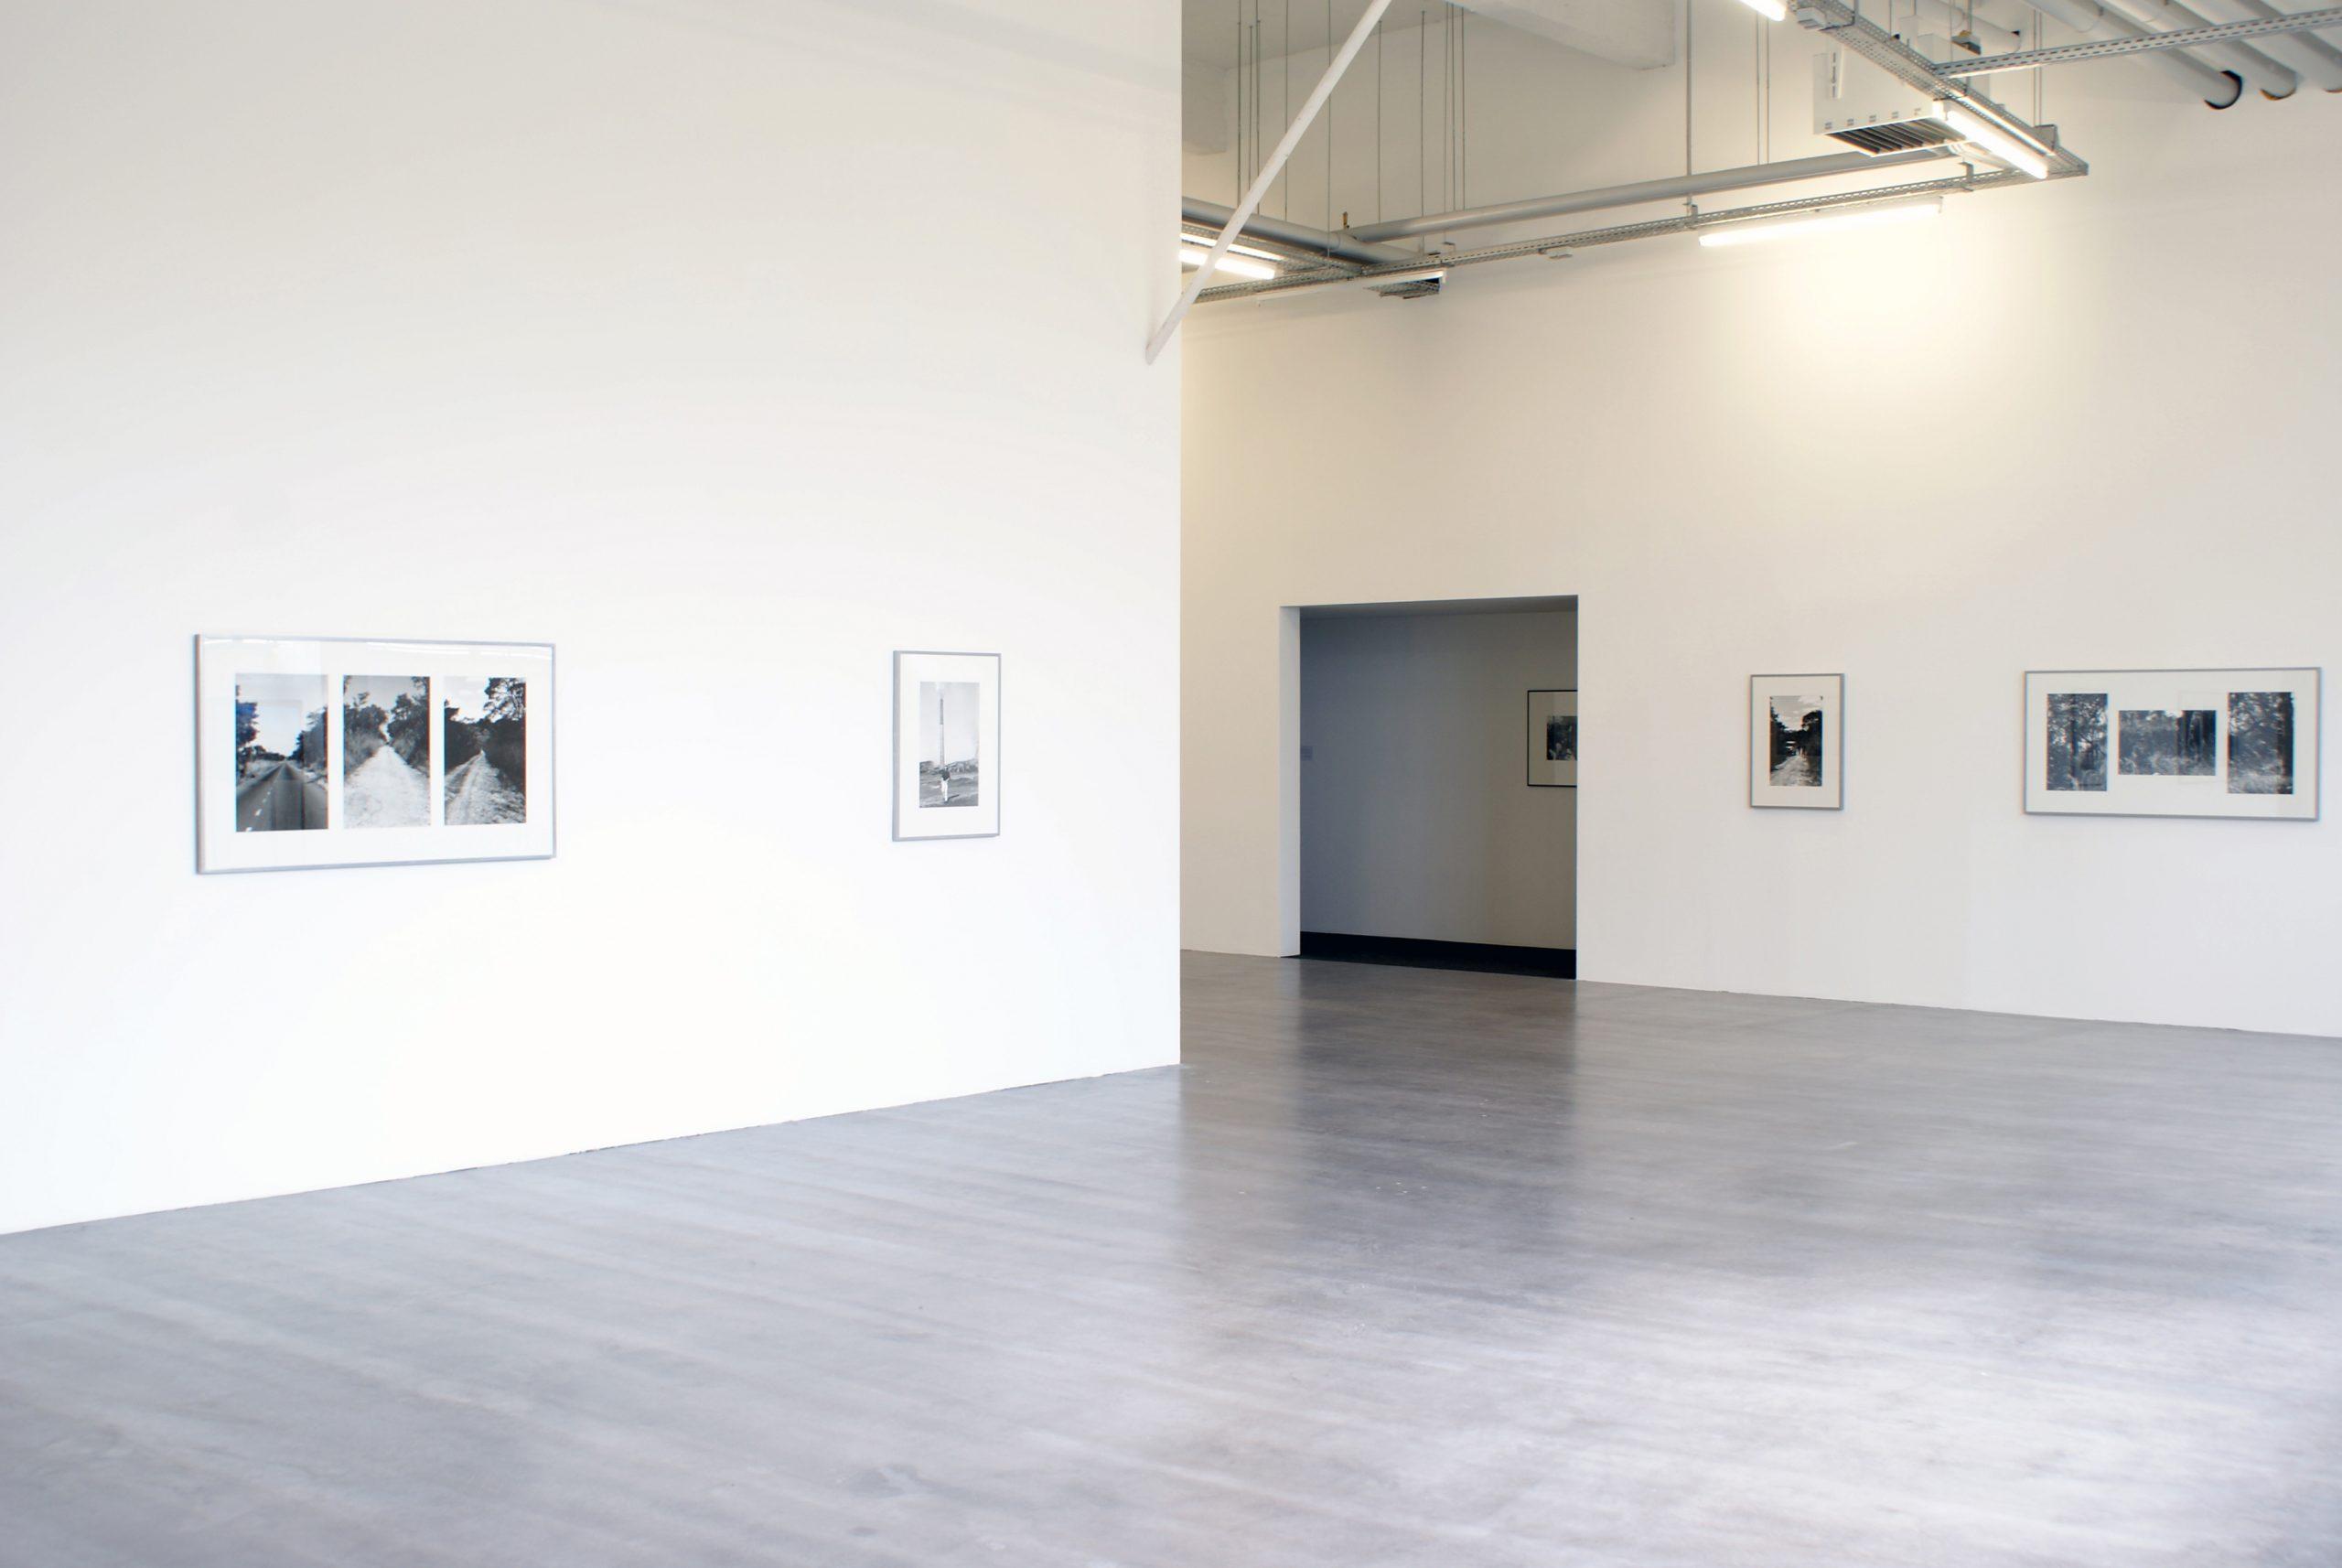 Sven Augustijnen, installation view at Wiels, 2011